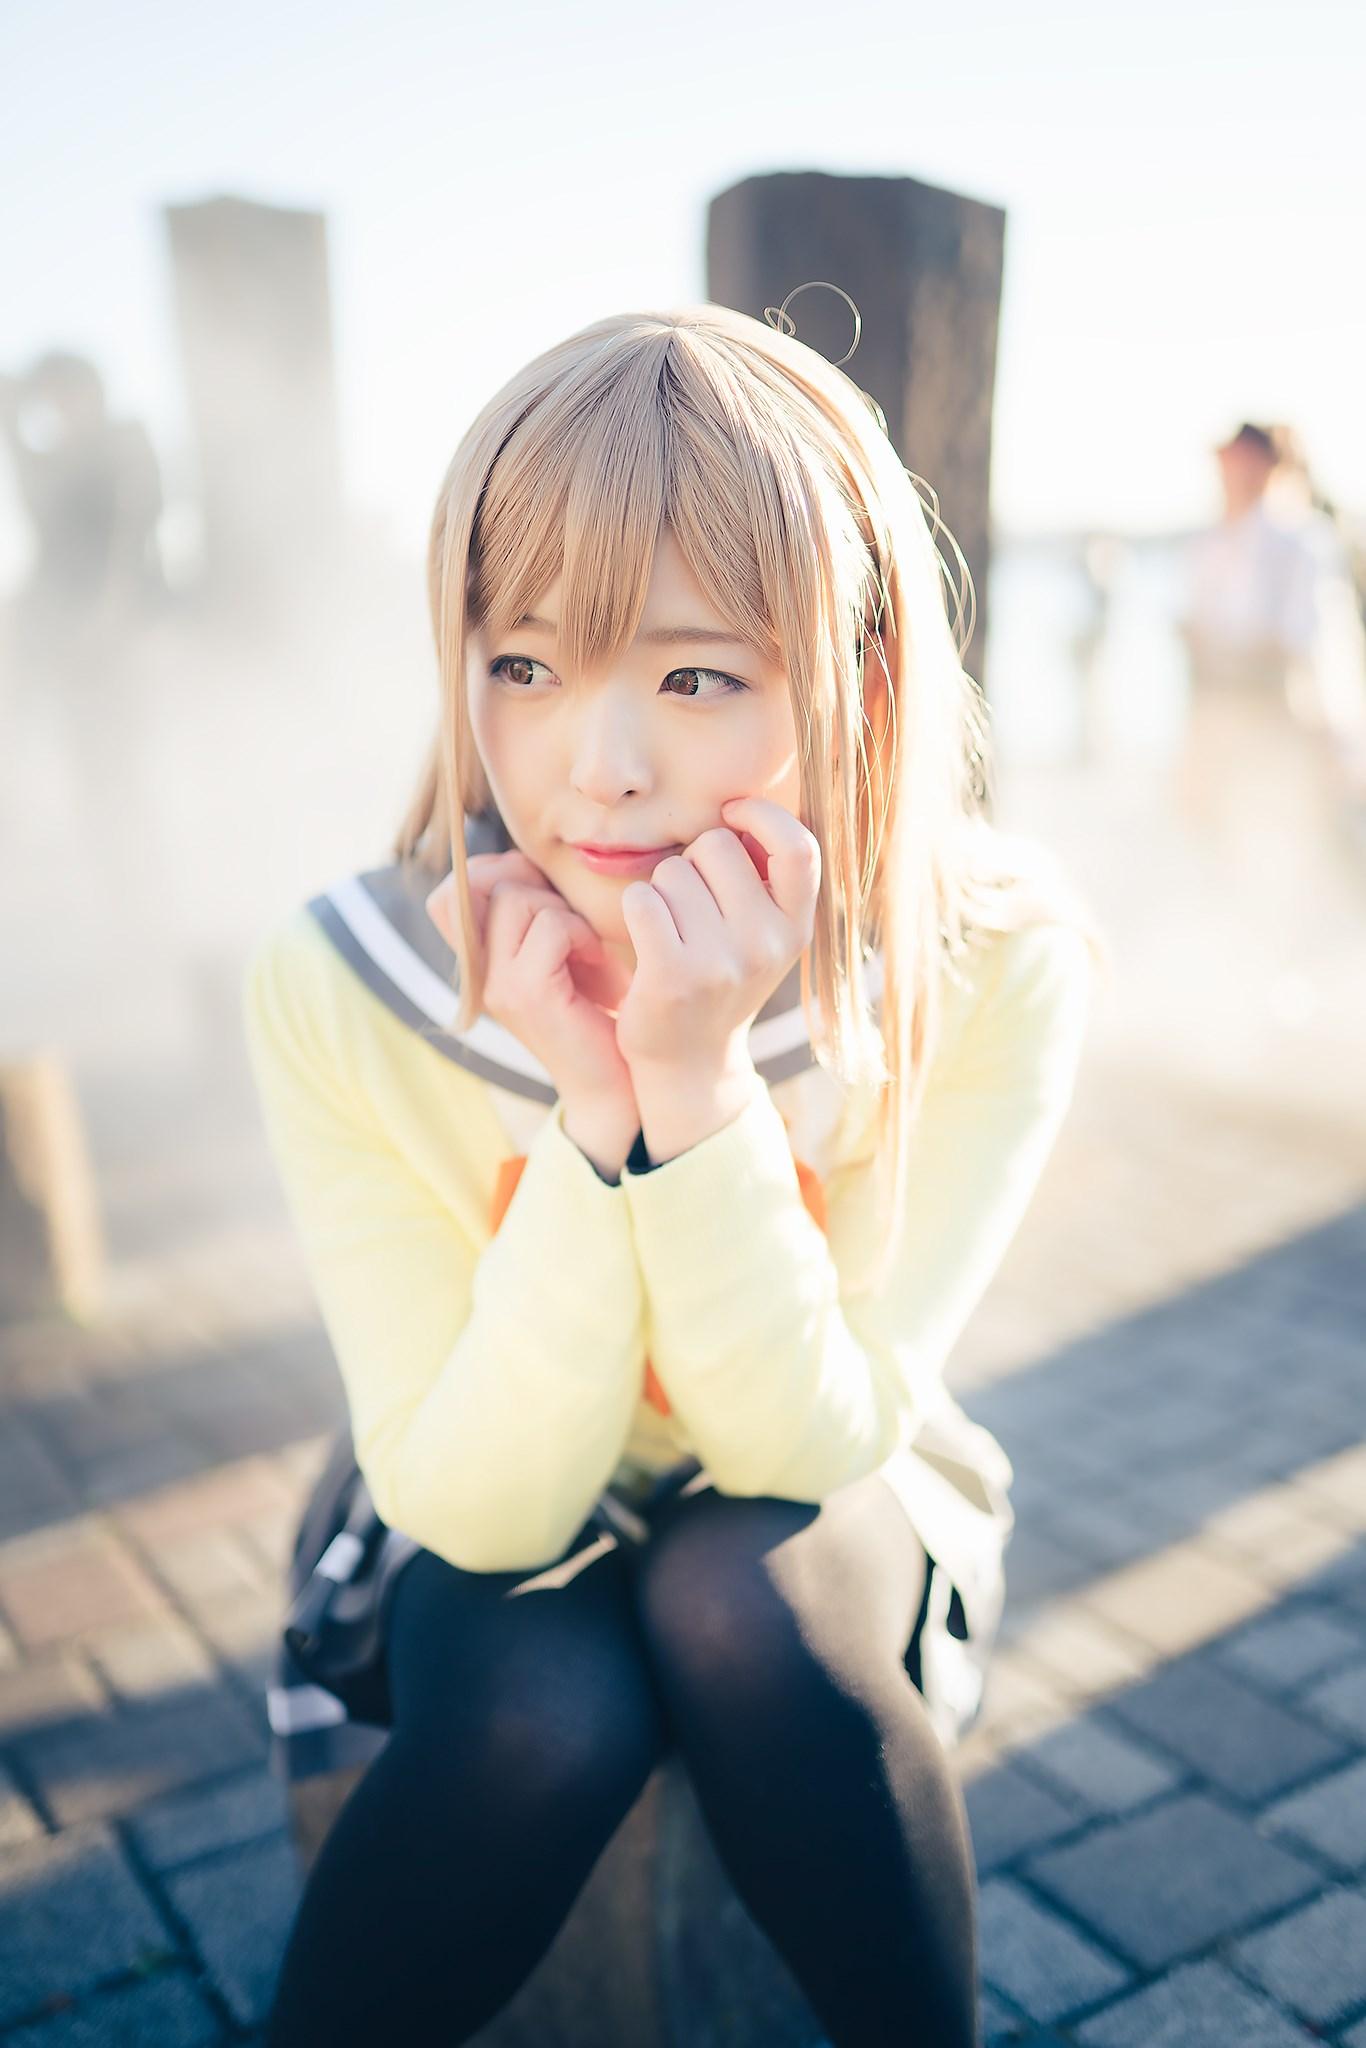 【兔玩映画】阳光与少女 兔玩映画 第27张